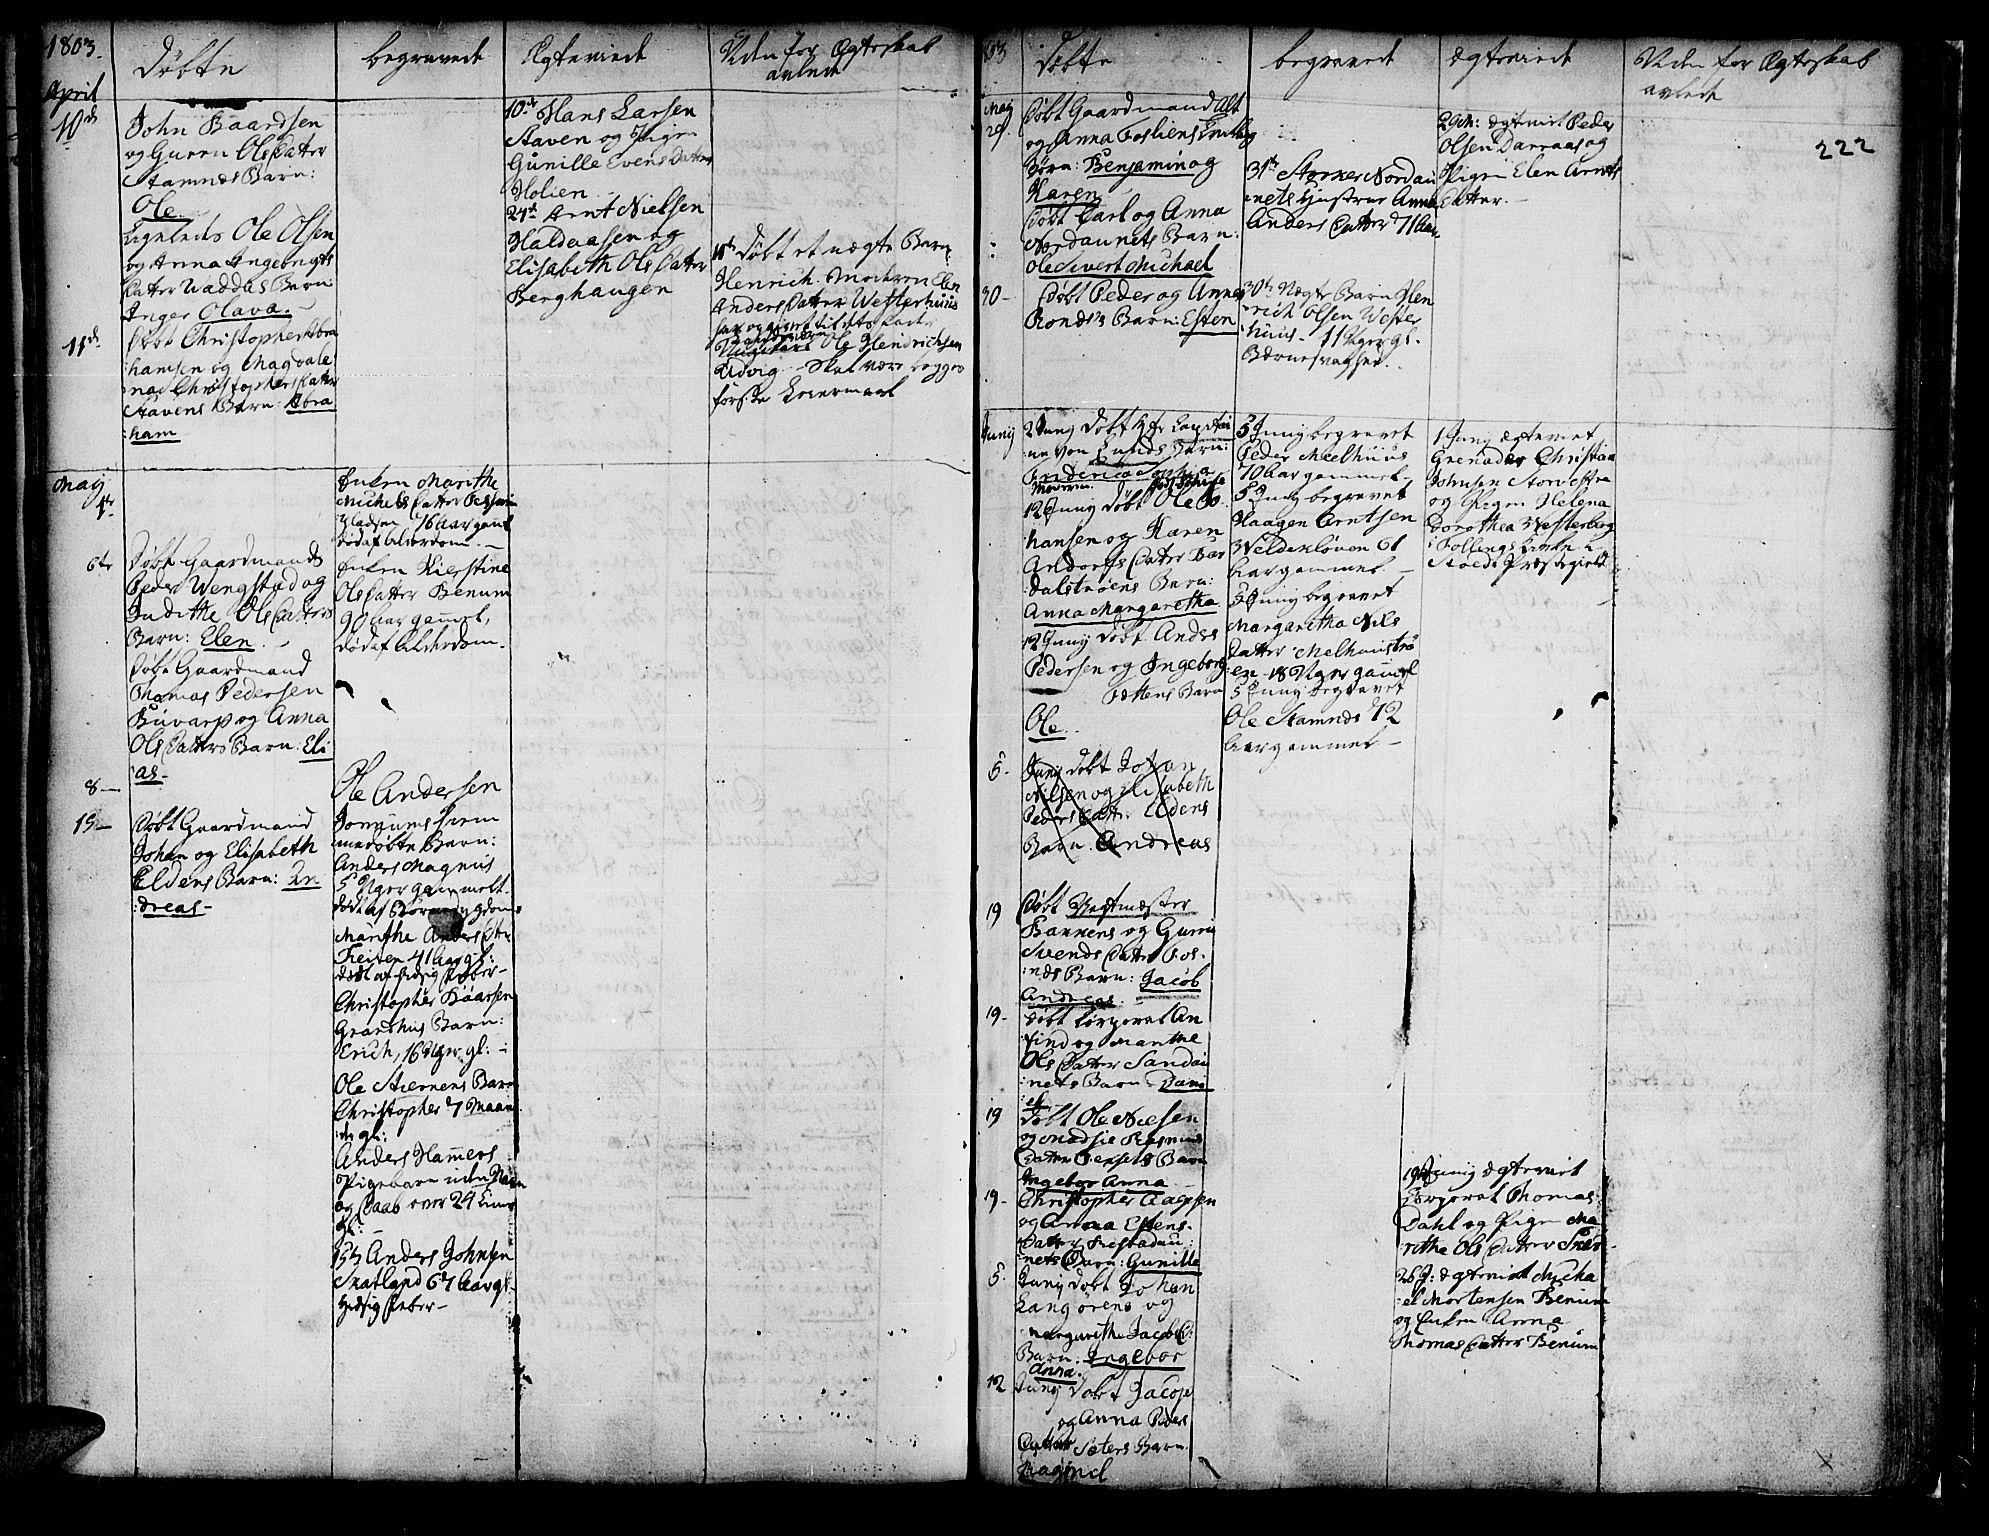 SAT, Ministerialprotokoller, klokkerbøker og fødselsregistre - Nord-Trøndelag, 741/L0385: Ministerialbok nr. 741A01, 1722-1815, s. 222